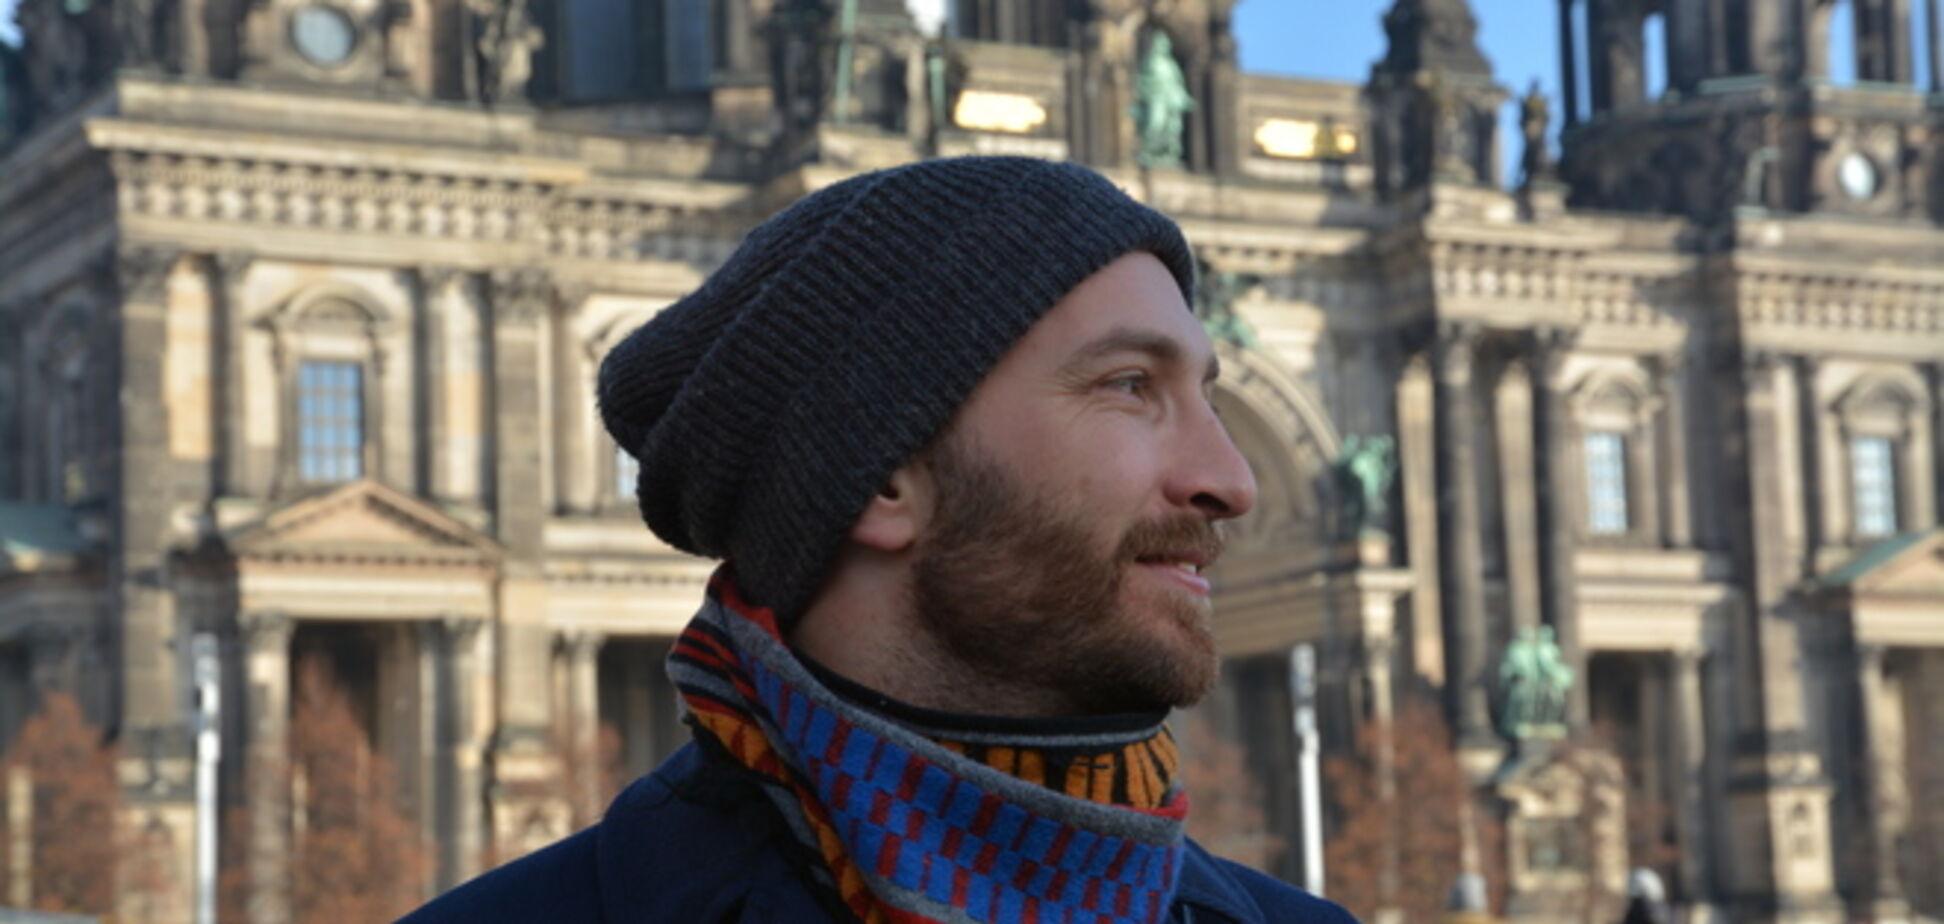 Луганський поет у Берліні: 'Нам випав шанс стрибнути вище своєї голови'